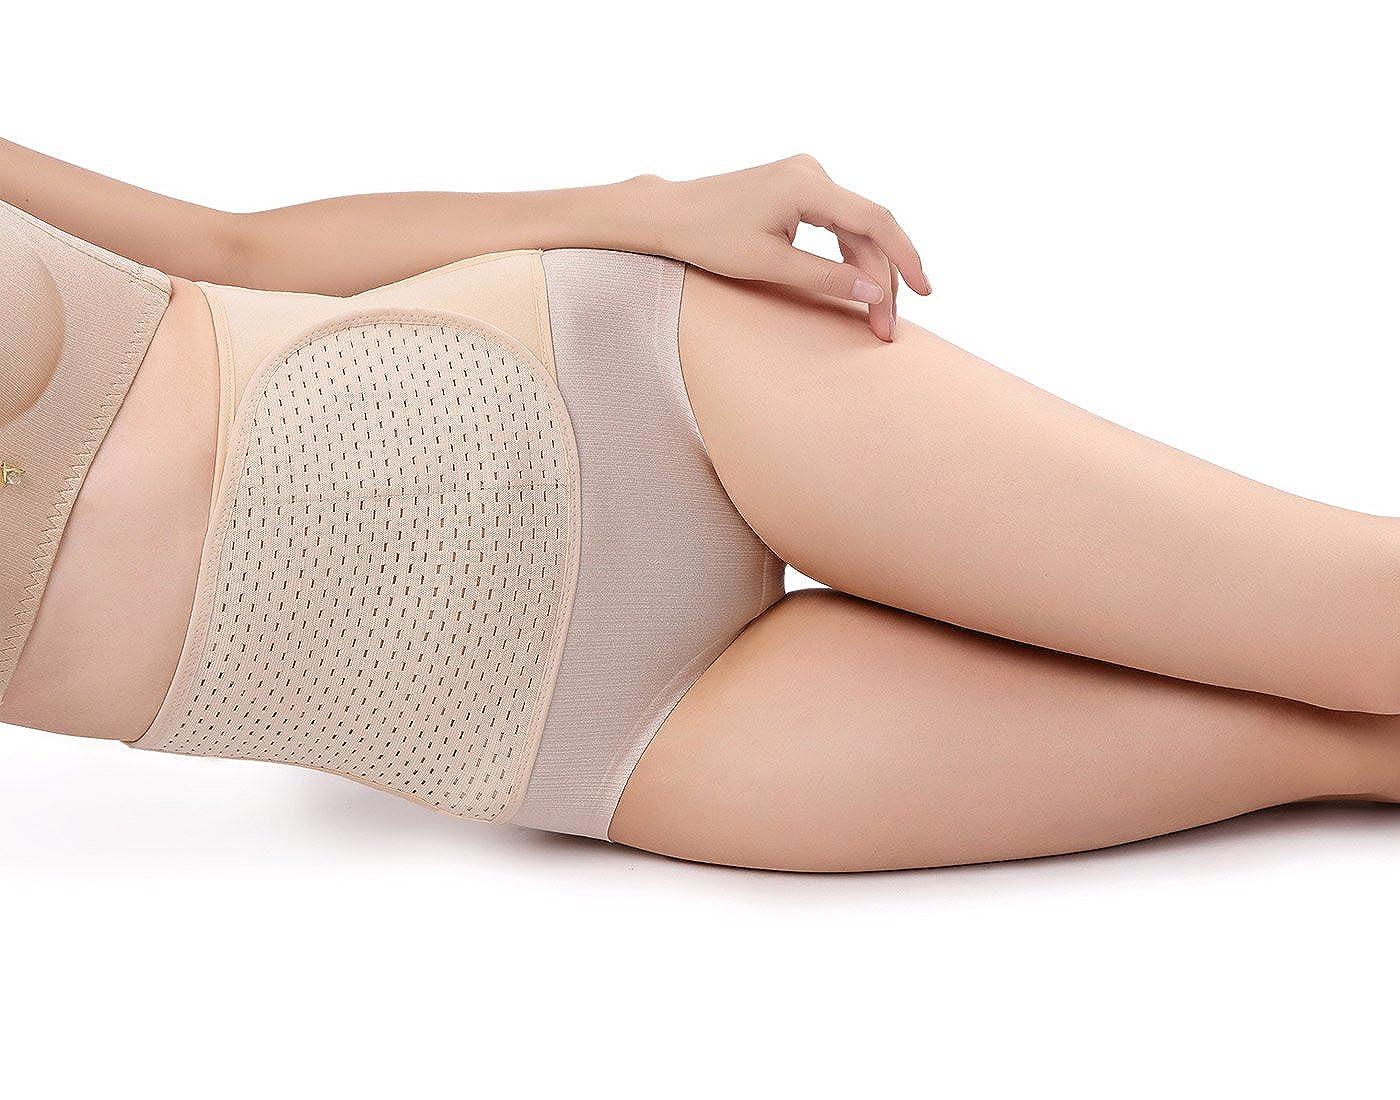 AIVTALK Women Postnatal Recoery Belt Sports Waist Training Cincher Underbust Corset Body Shapper For Weight Loss Fat Burner GirDle Belt